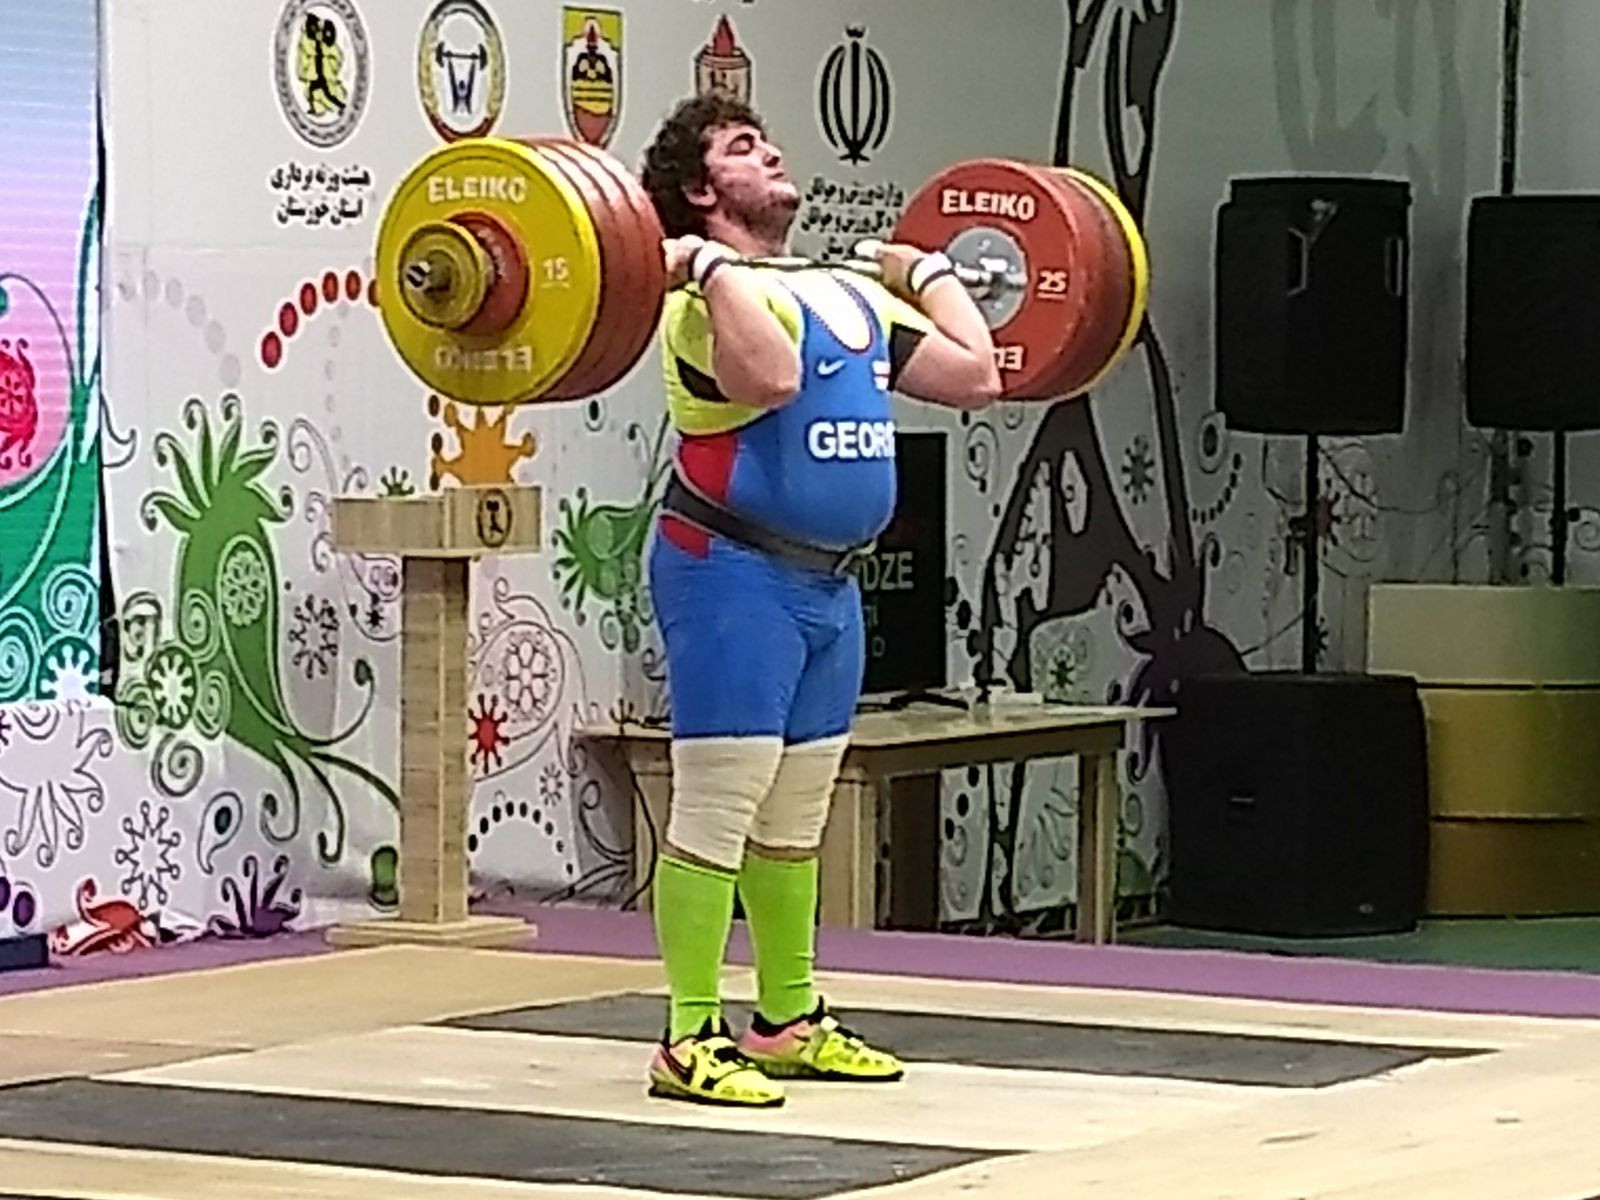 Georgia's Giorgi Chkheidze won the over 105kg category ©Brian Oliver